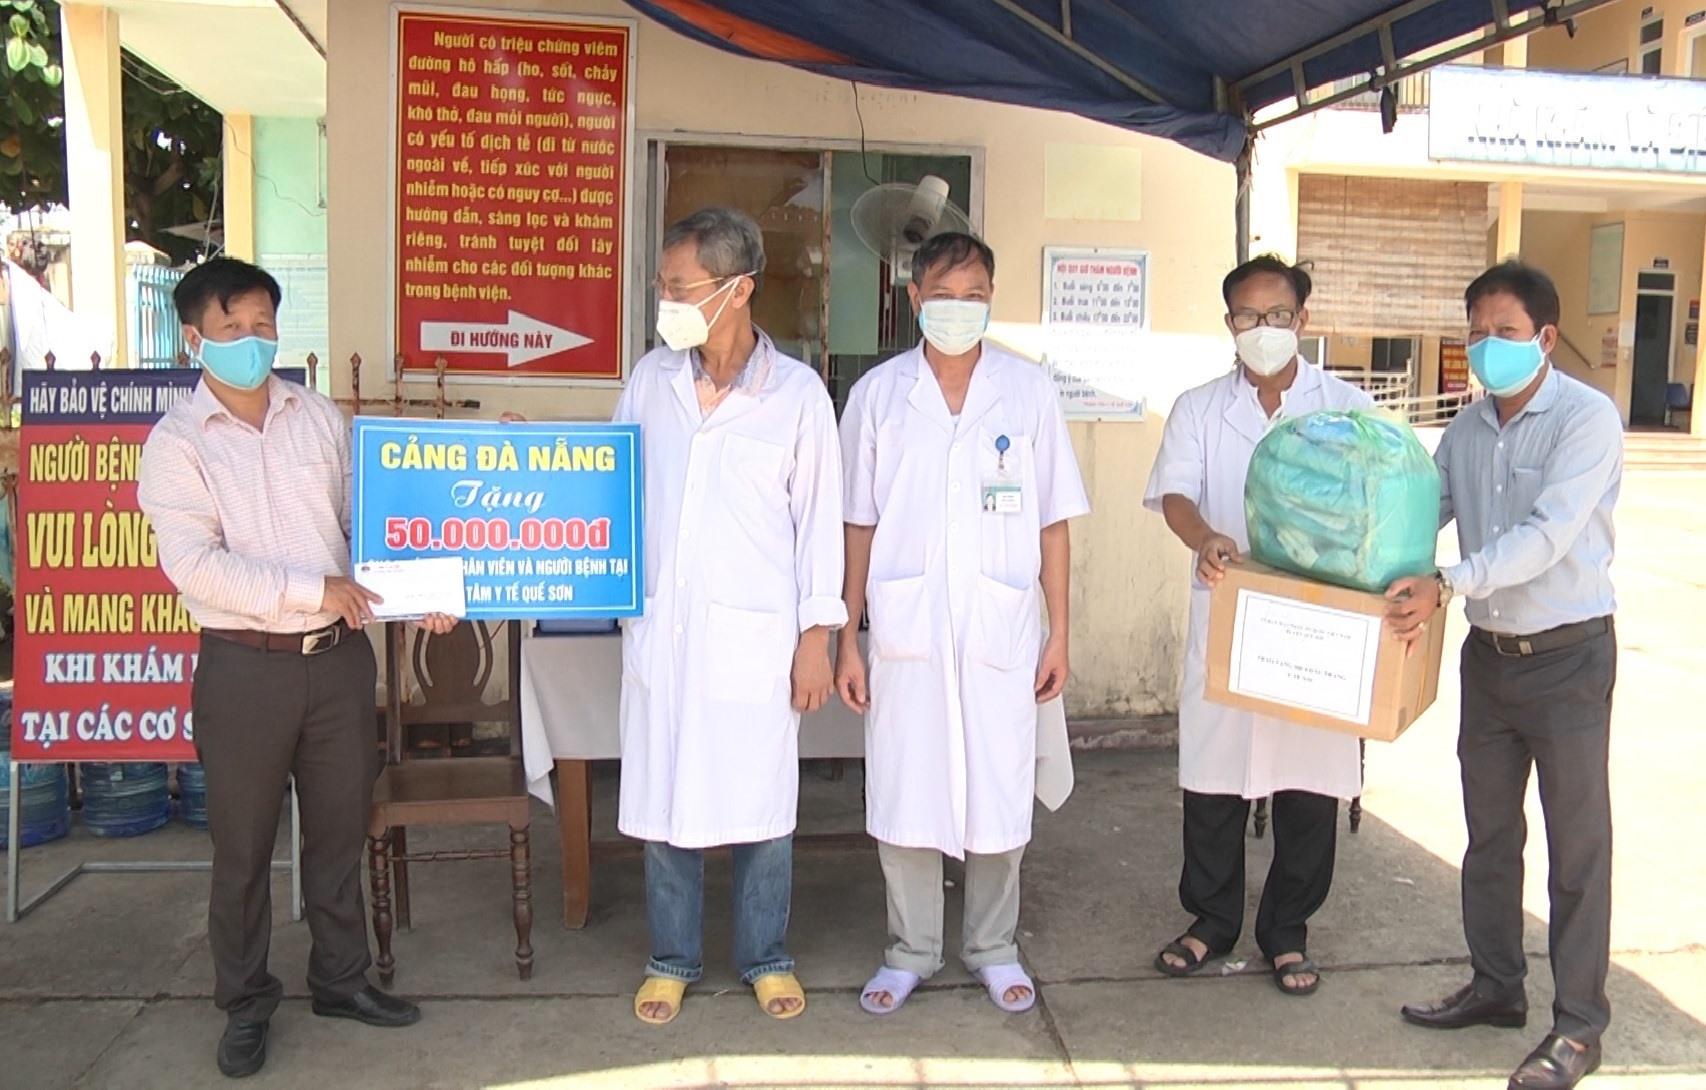 Lãnh đạo UB MTTQVN huyện Quế Sơn trao 50 triệu đồng do Cảng Đà Nẵng hỗ trợ cho y bác sĩ, nhân viên y tế và người bệnh tại Trung tâm Y tế Quế Sơn. Ảnh: D.T